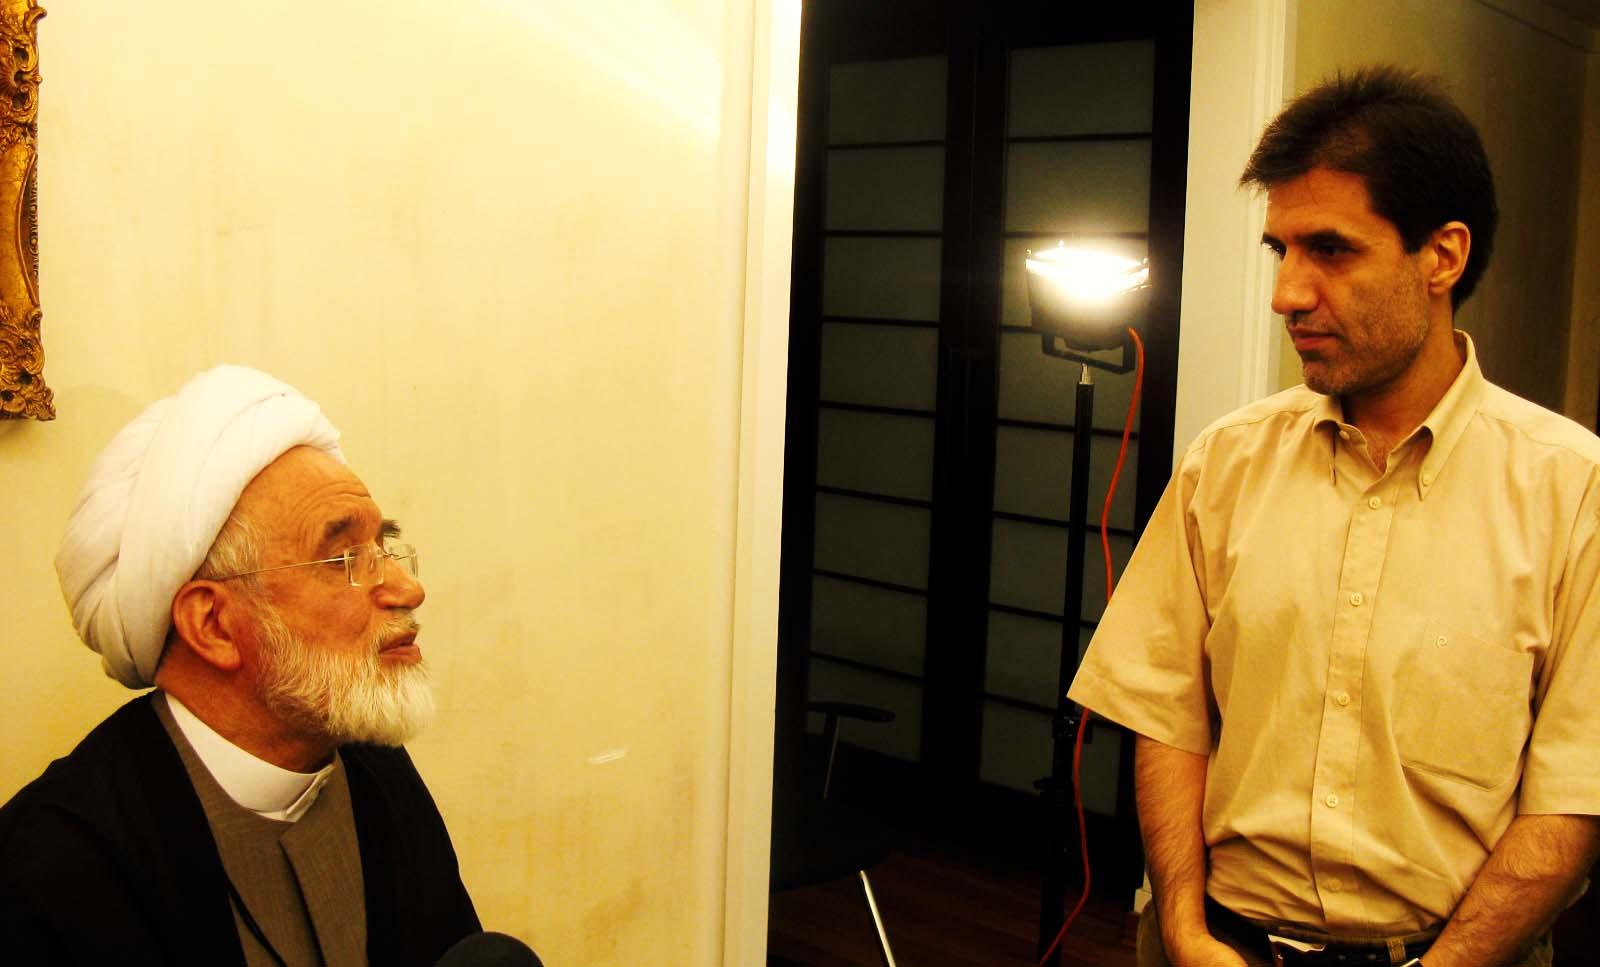 فرزند مهدی کروبی به اتهام انتشار نامه پدرش به شش ماه حبس تعزیری محکوم شد